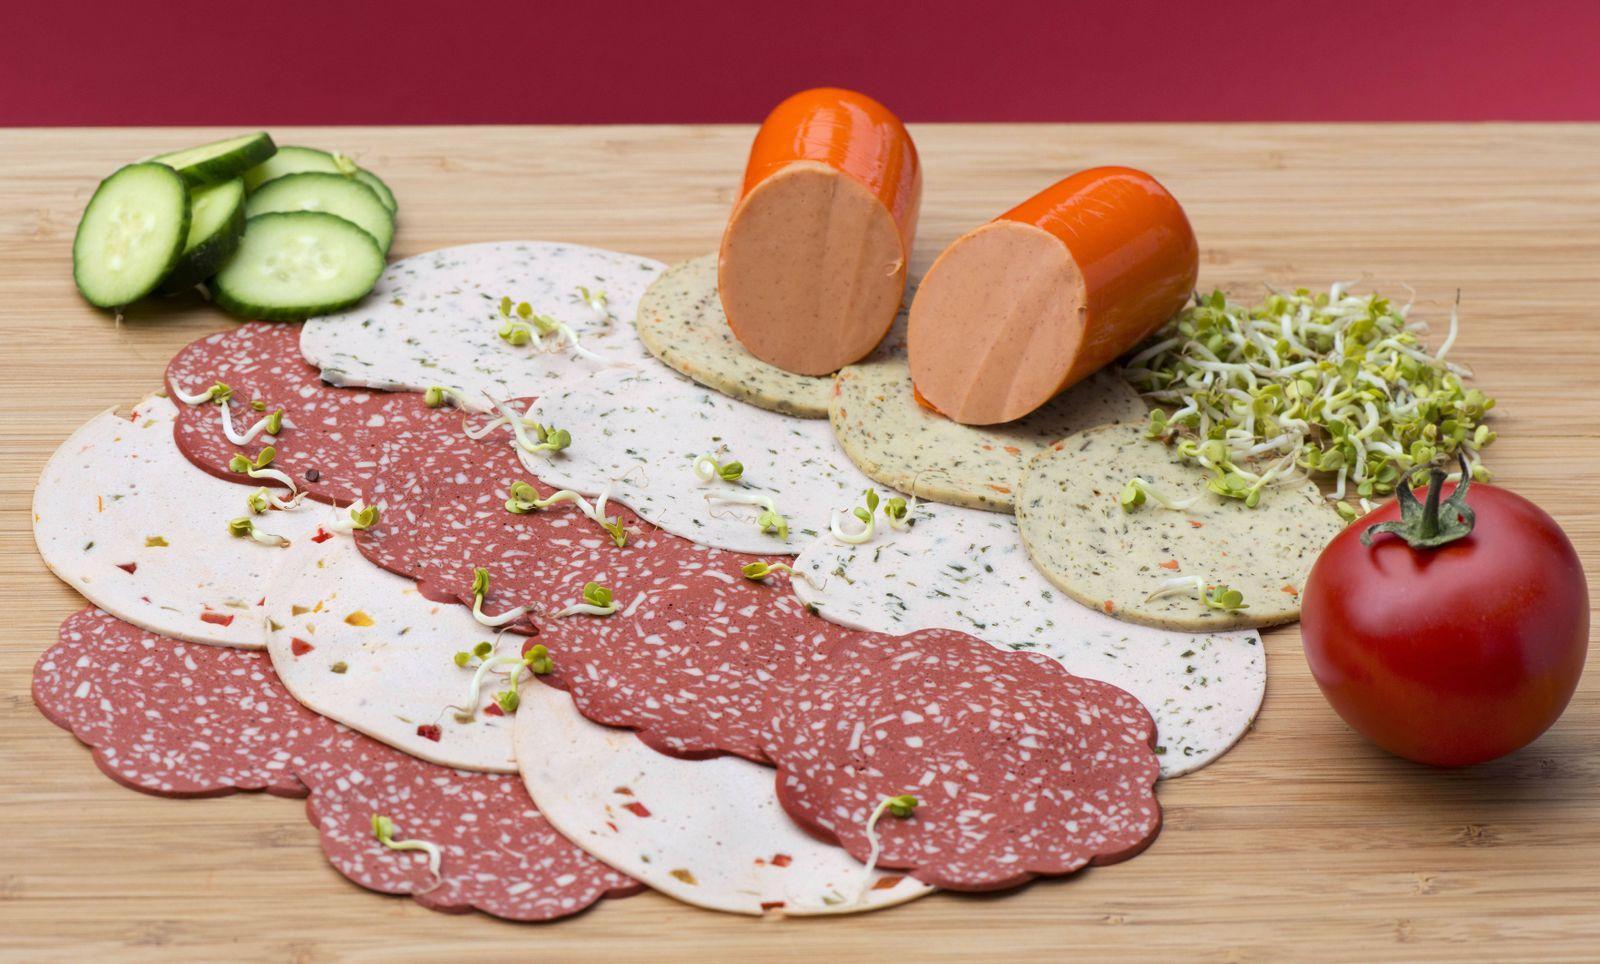 EINMALIGE VERWENDUNG Fleischersatz/ Wurstersatz/ Vegan/ Vegetarisch